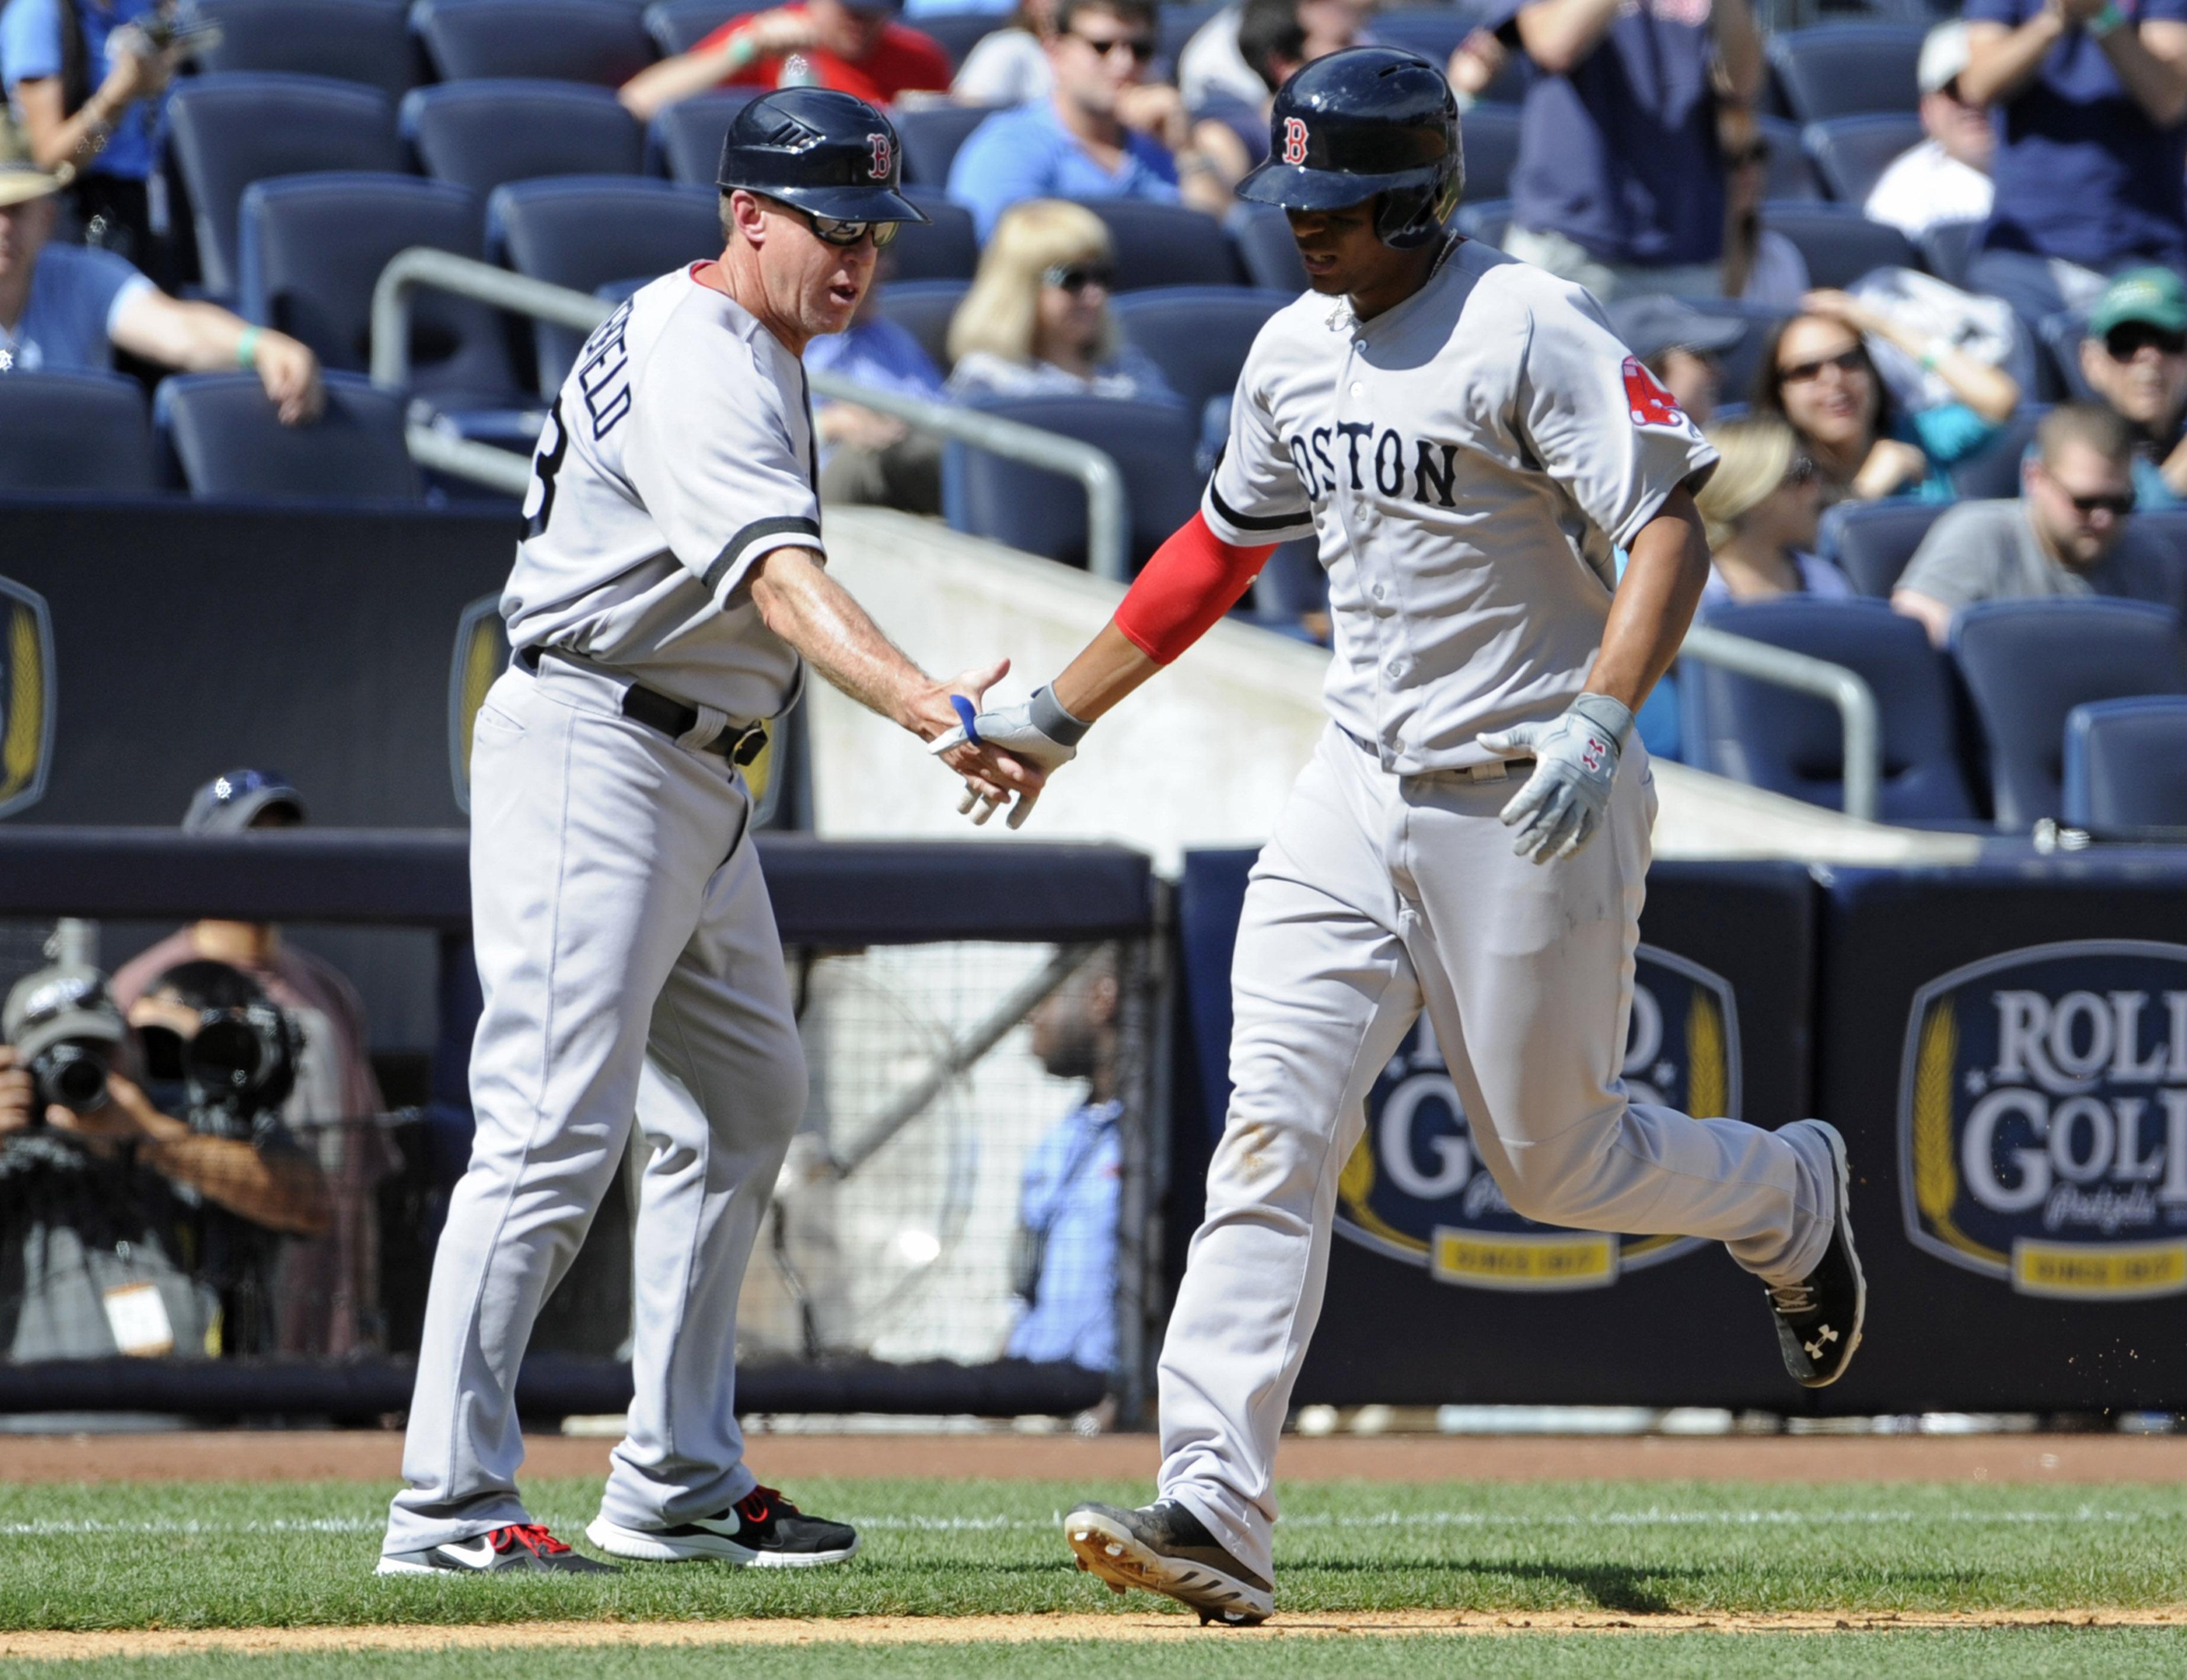 Napoli hits 2 HRs, Red Sox bash Yanks 13-9